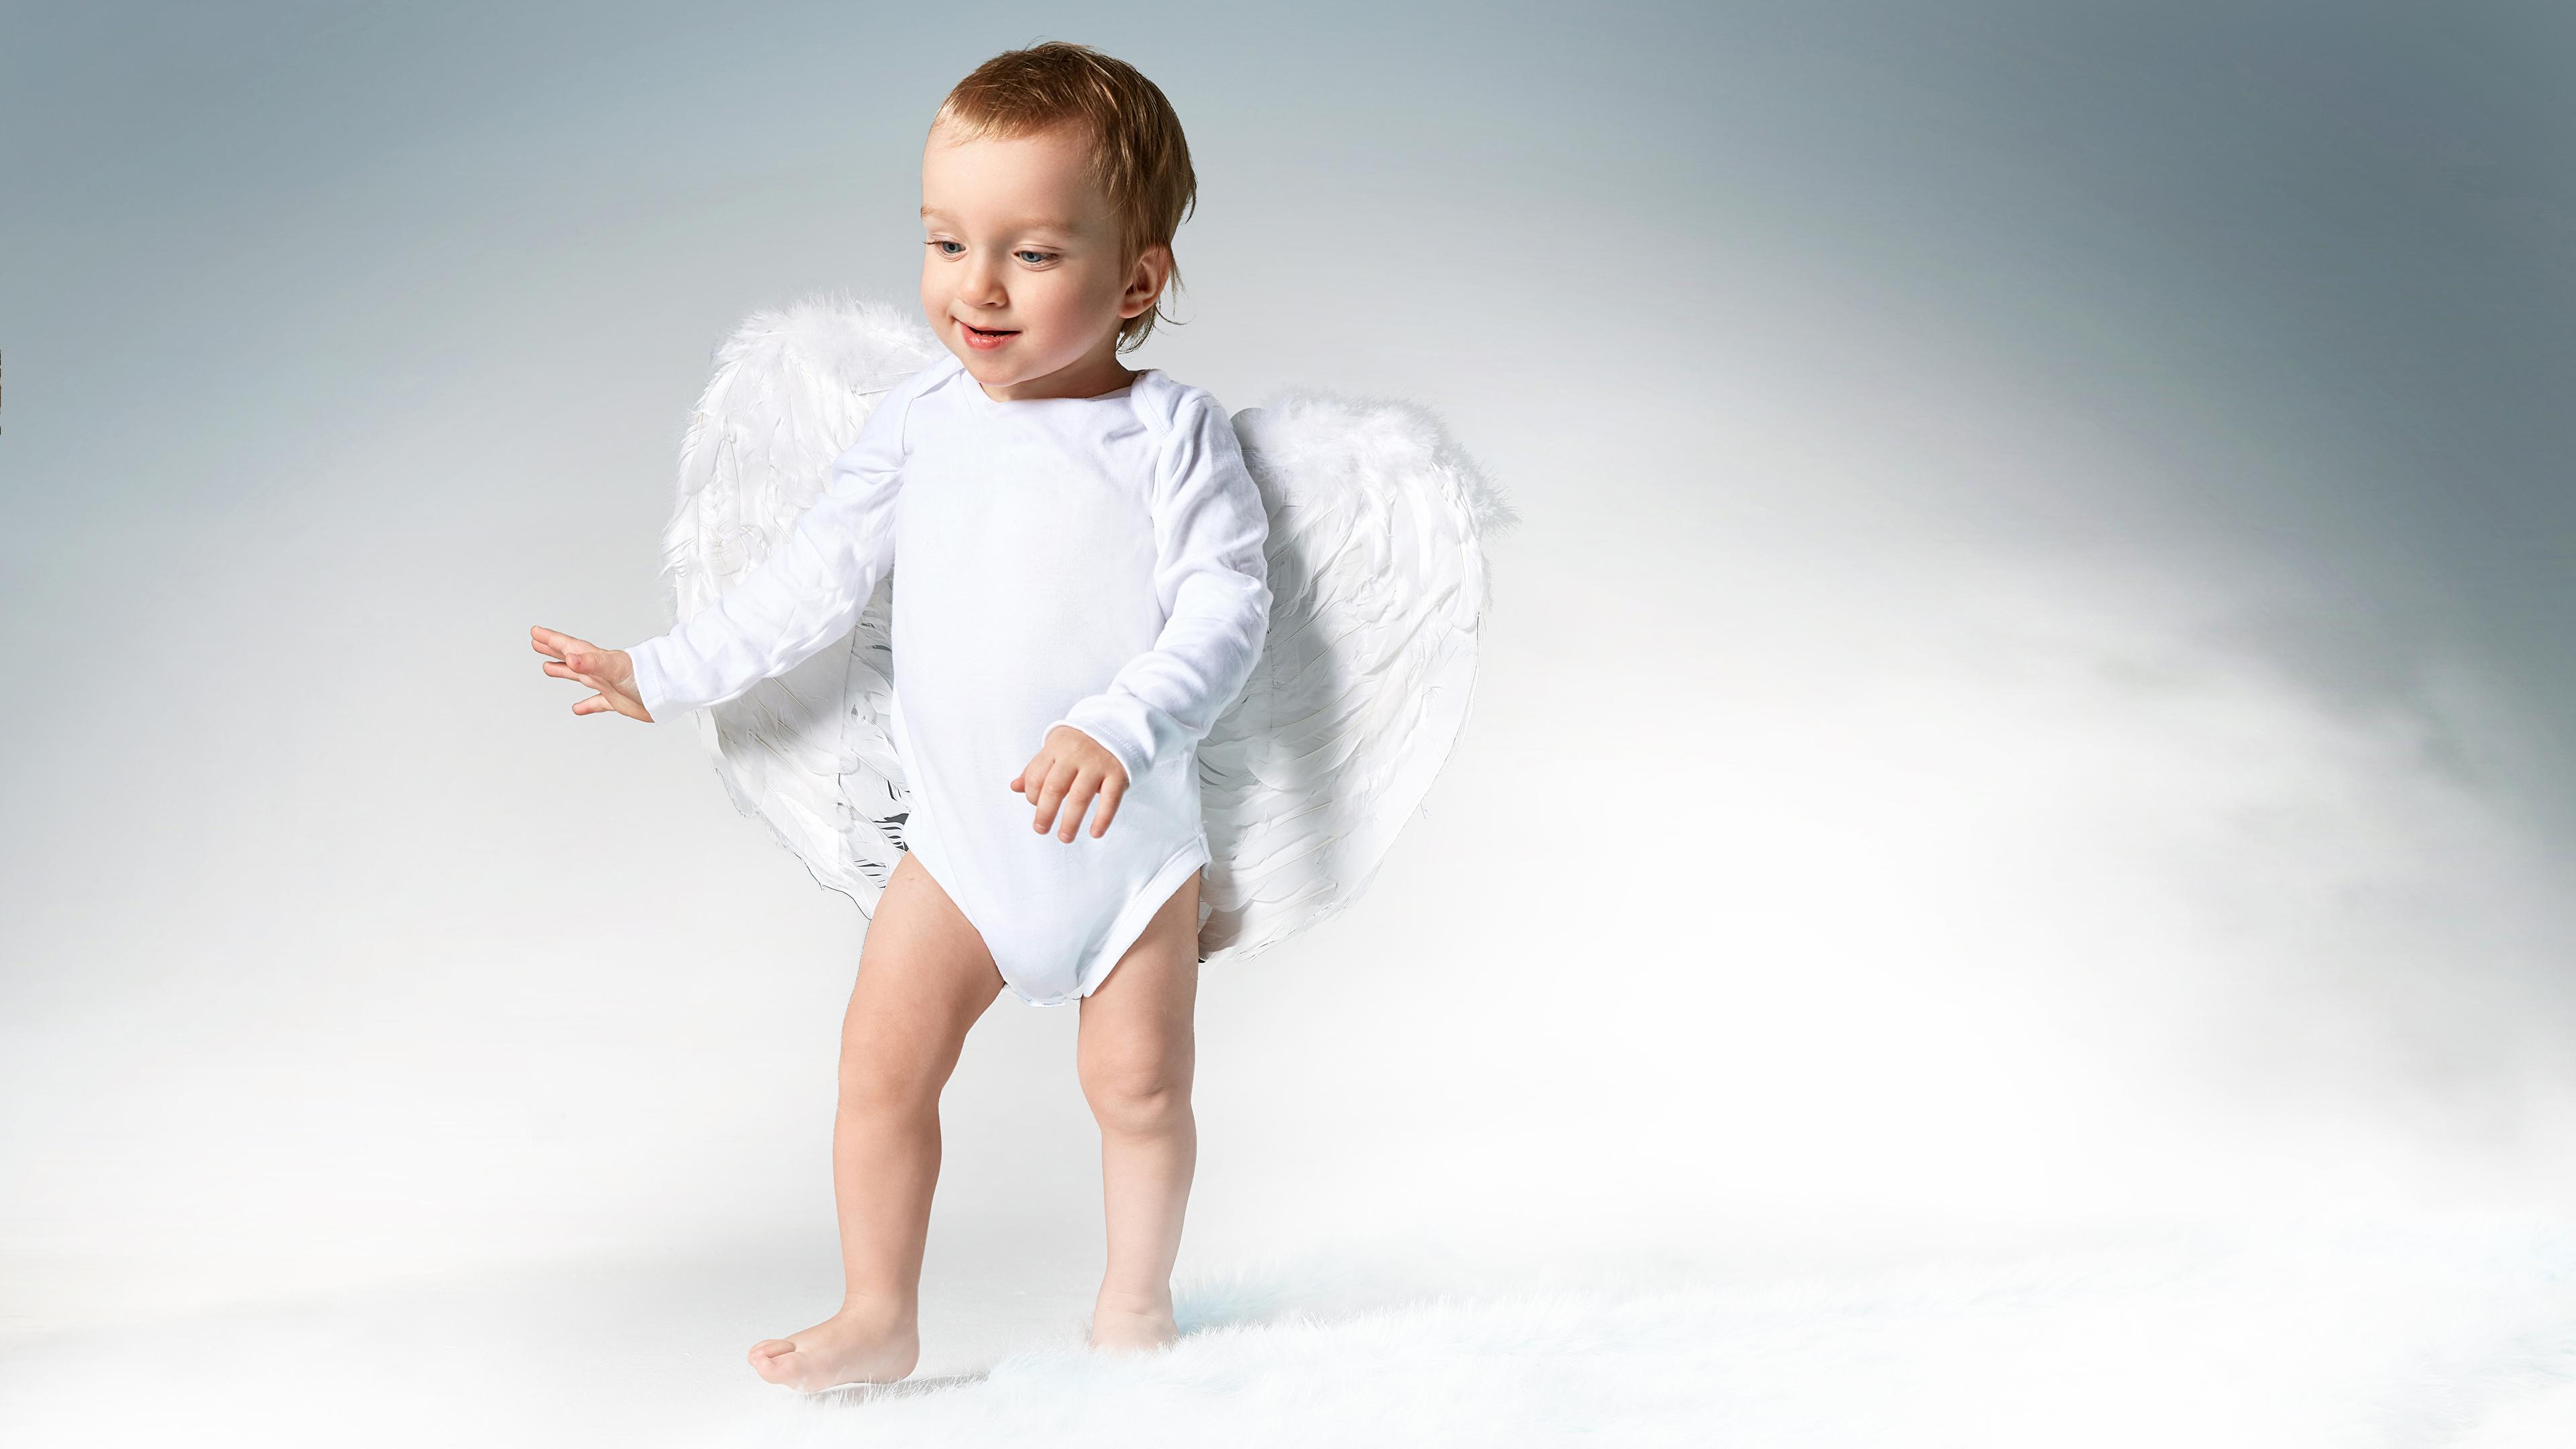 Фотография мальчишка грудной ребёнок Крылья Дети Ангелы 3840x2160 мальчик Мальчики младенца Младенцы младенец мальчишки Ребёнок